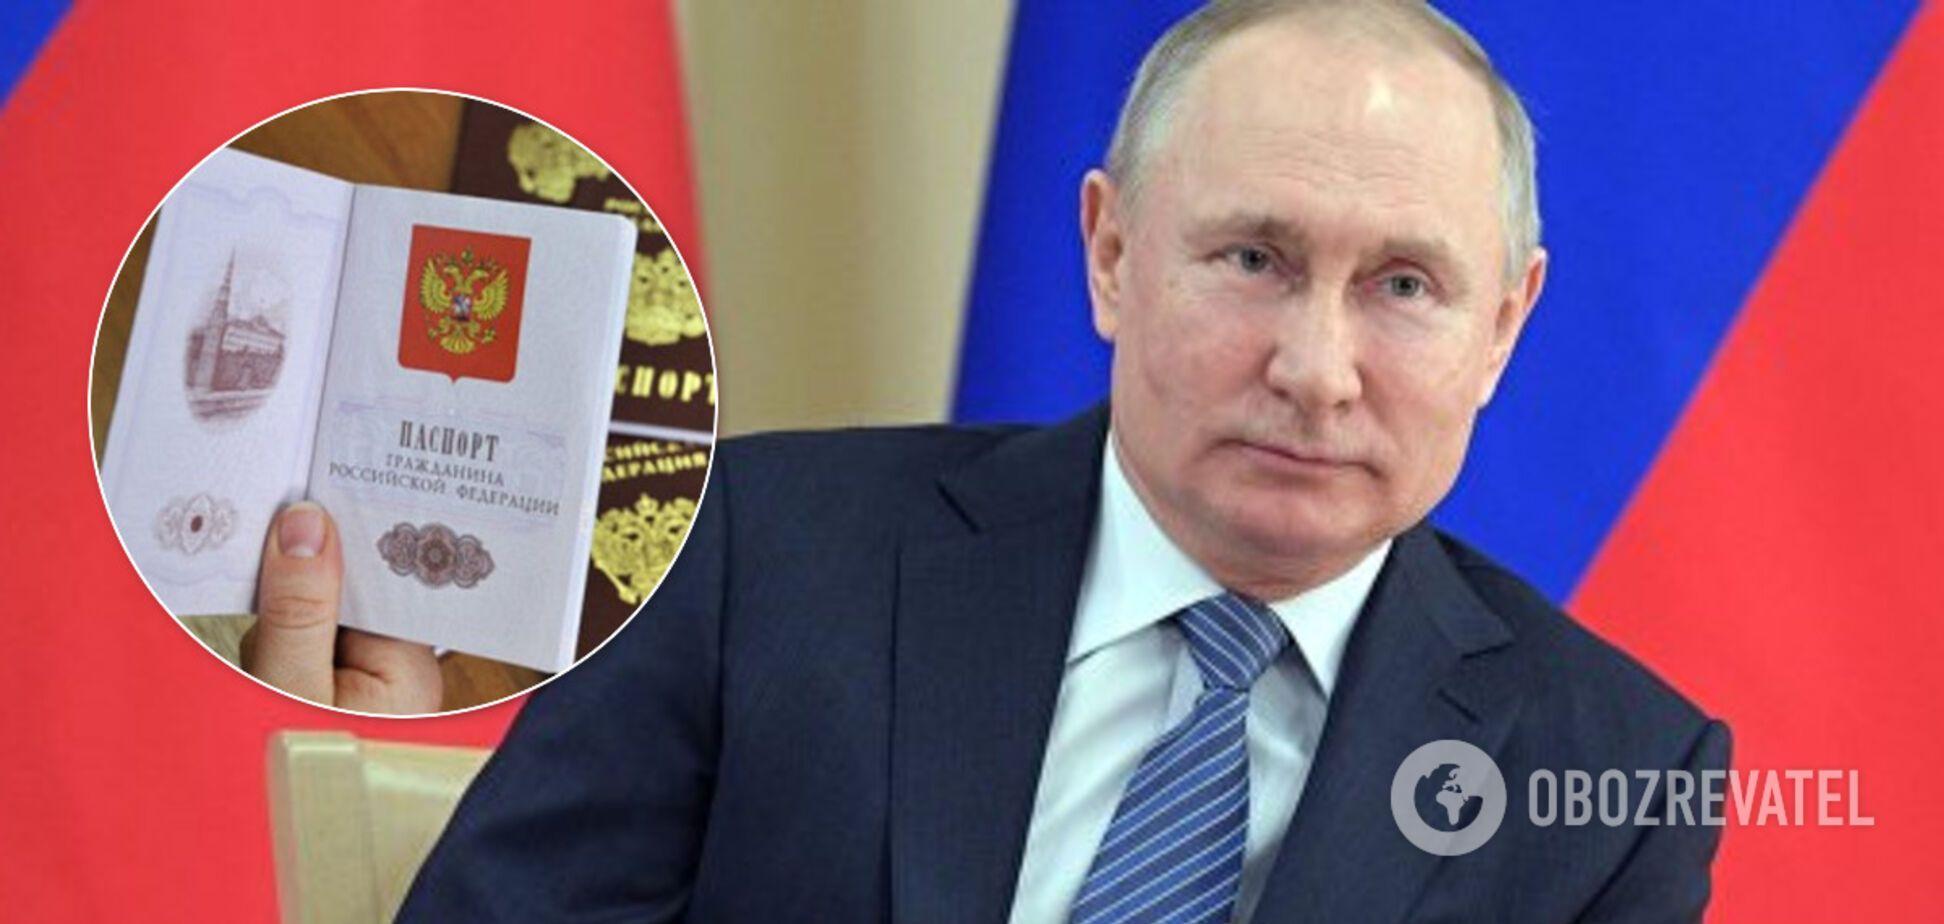 Специально для ОРДЛО? Путин упростил получение российского гражданства